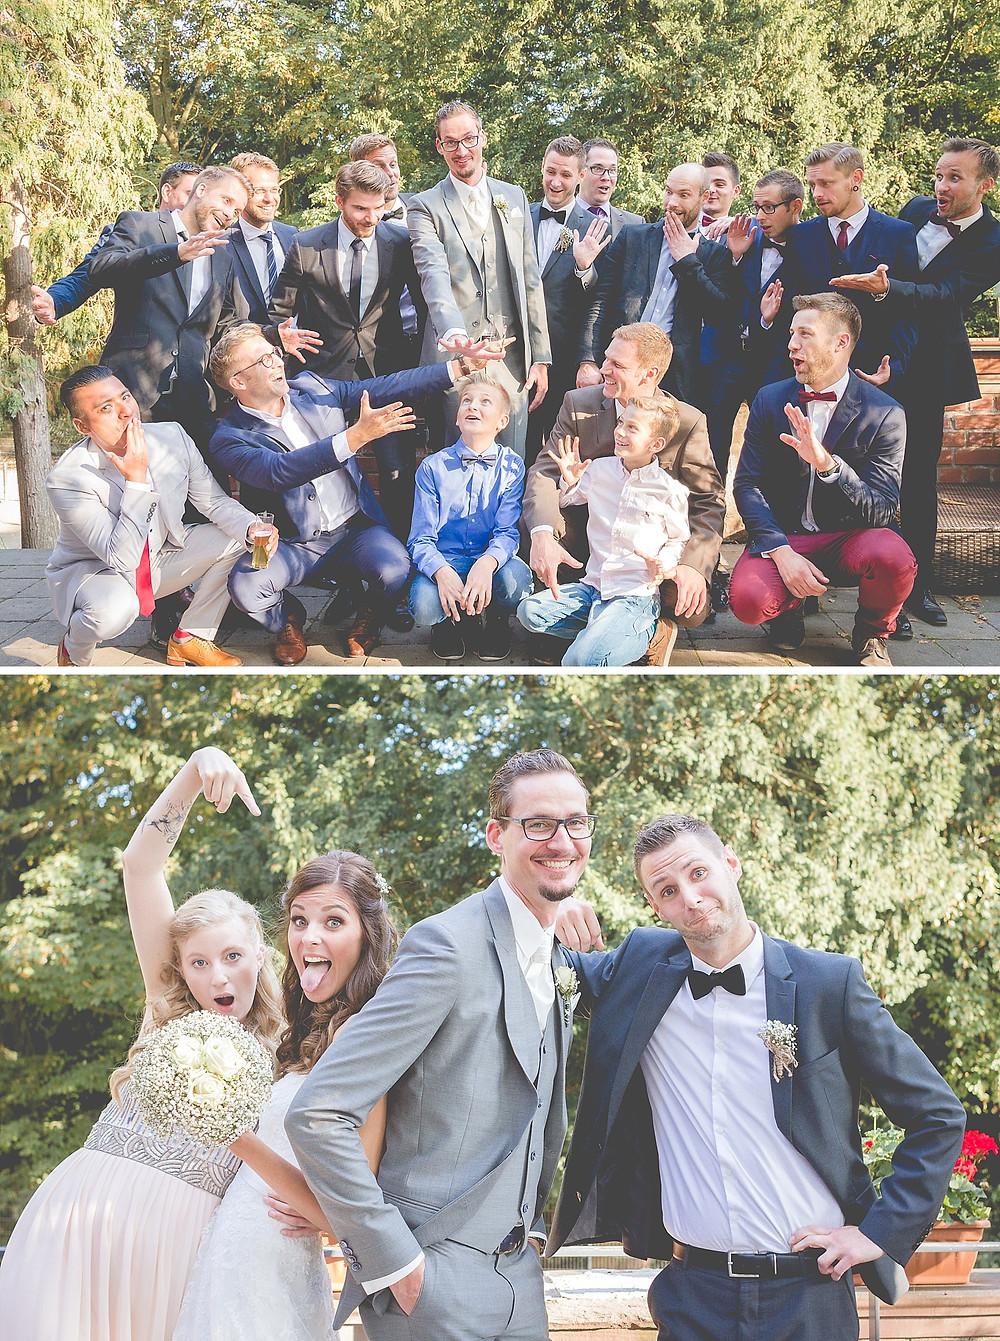 lustige Standard-Gruppenfotos Hochzeit